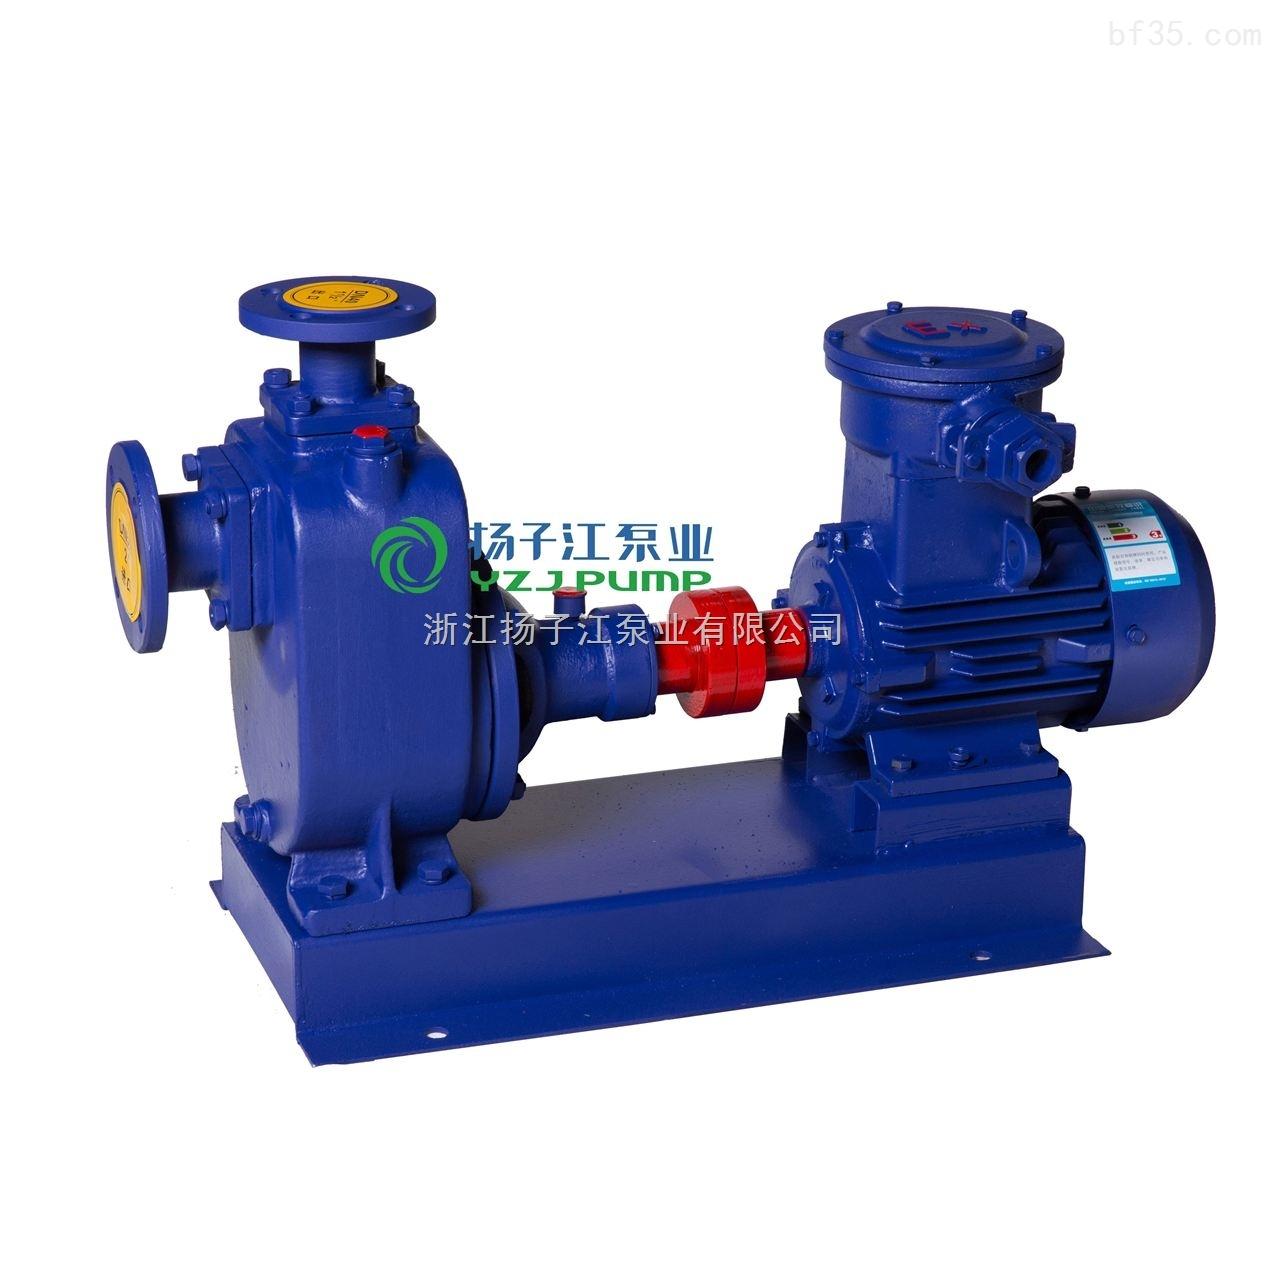 CYZ-A型自吸式离心泵-自吸式离心泵厂家-CYZ型自吸式离心泵